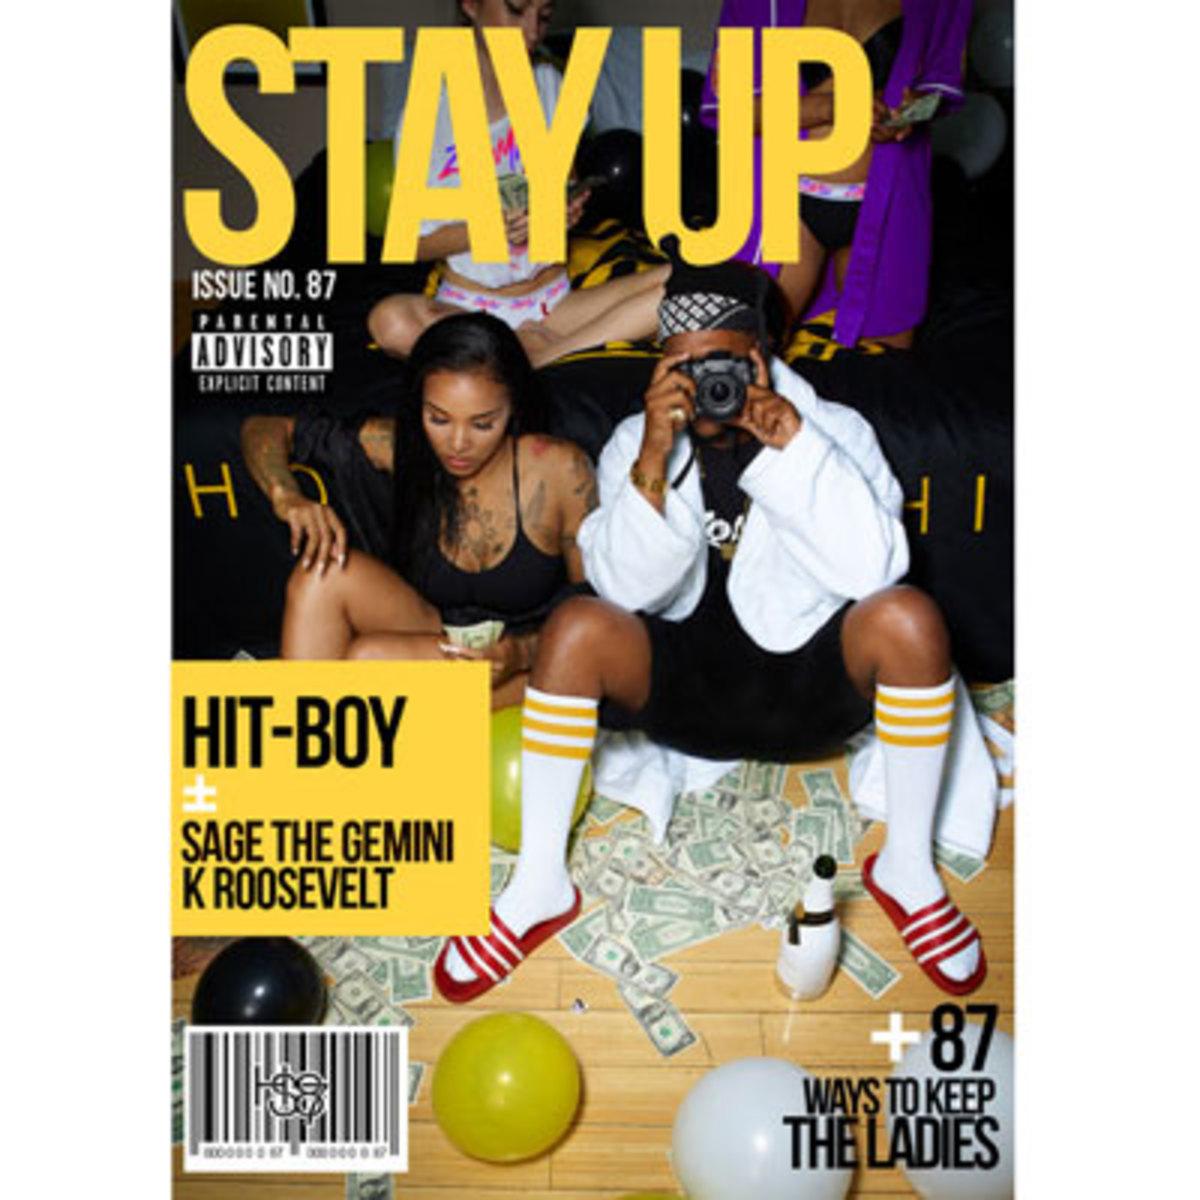 hit-boy-stay-up.jpg